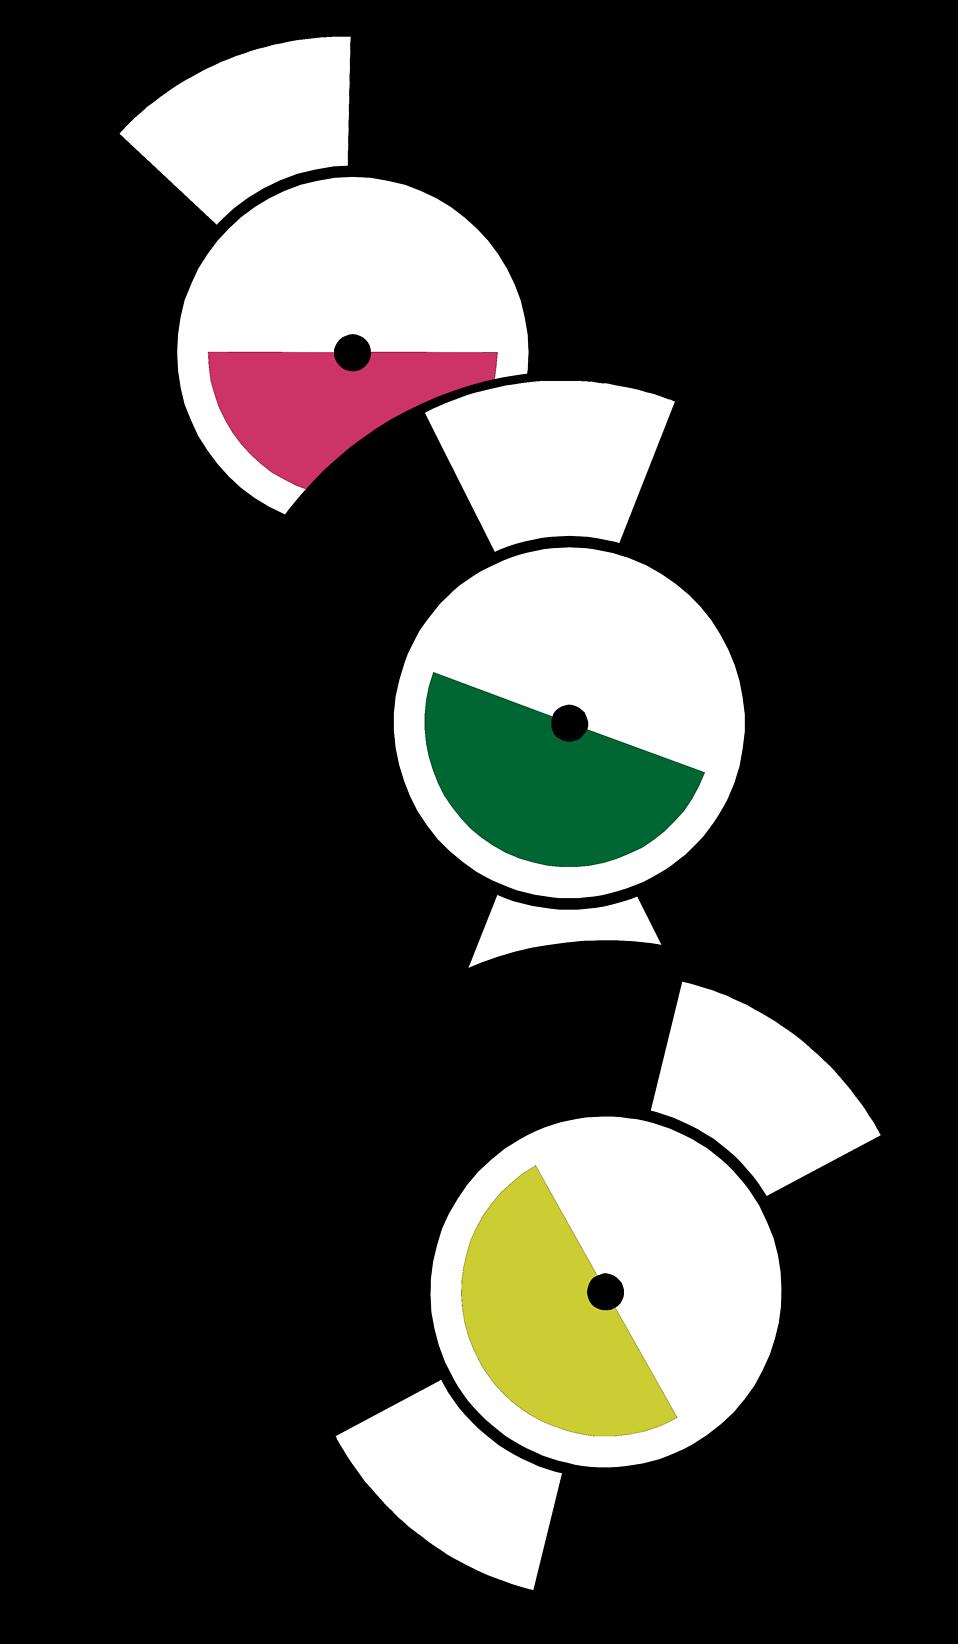 Record Clip Art Transparent Keywords: 45, clip art,